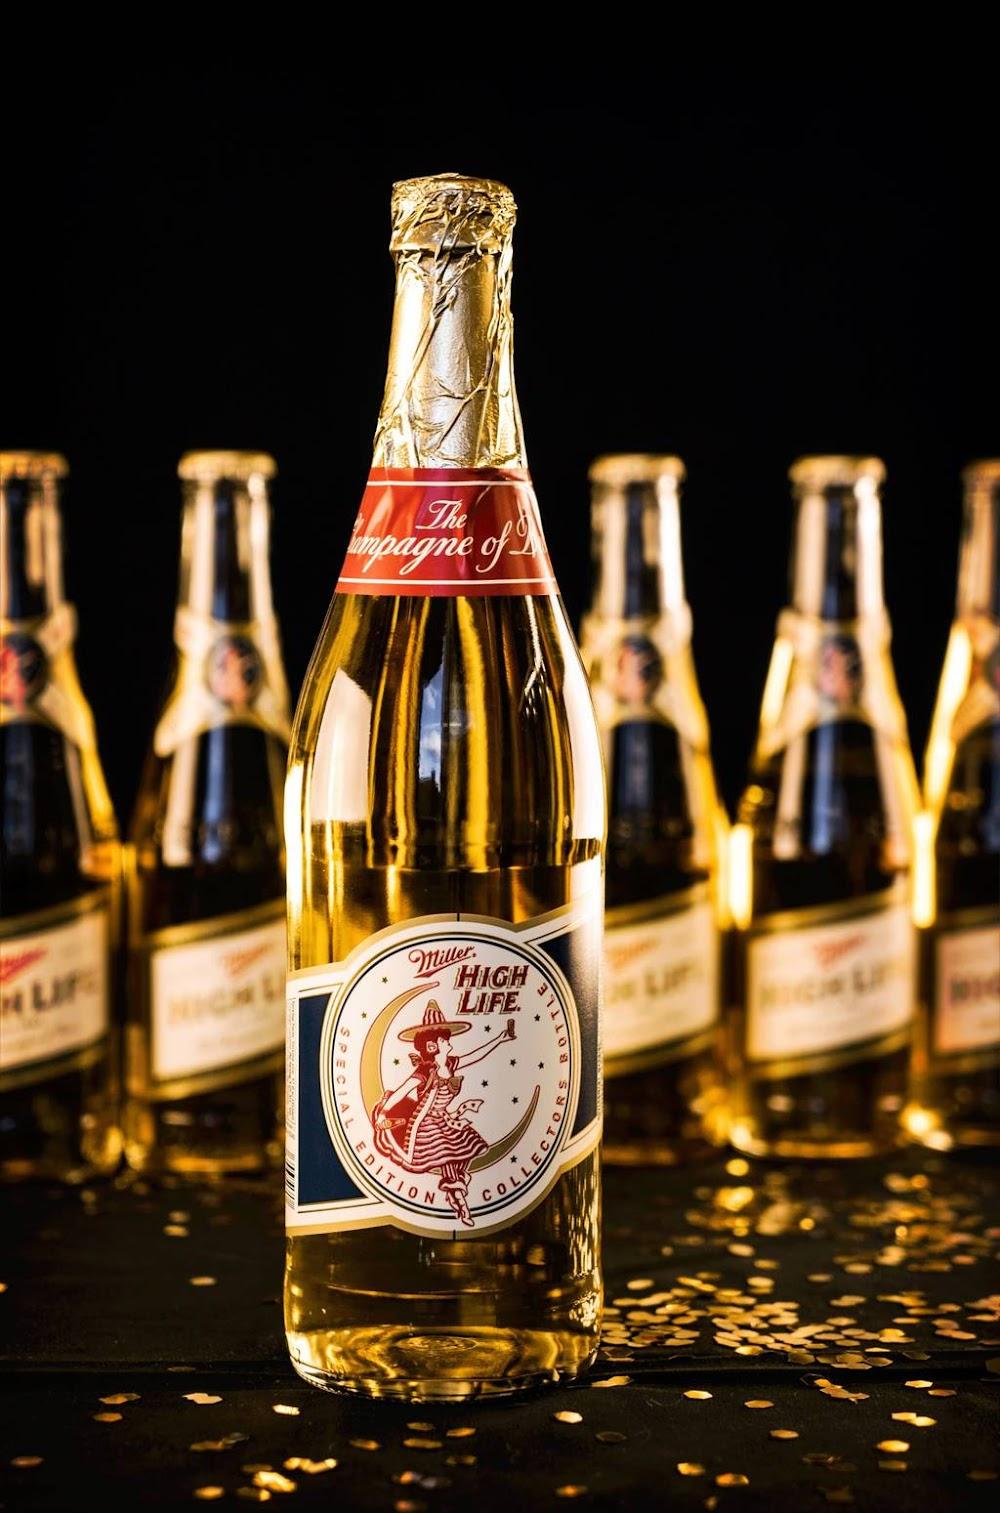 beer_brands_india_under_rs_200_miller_image